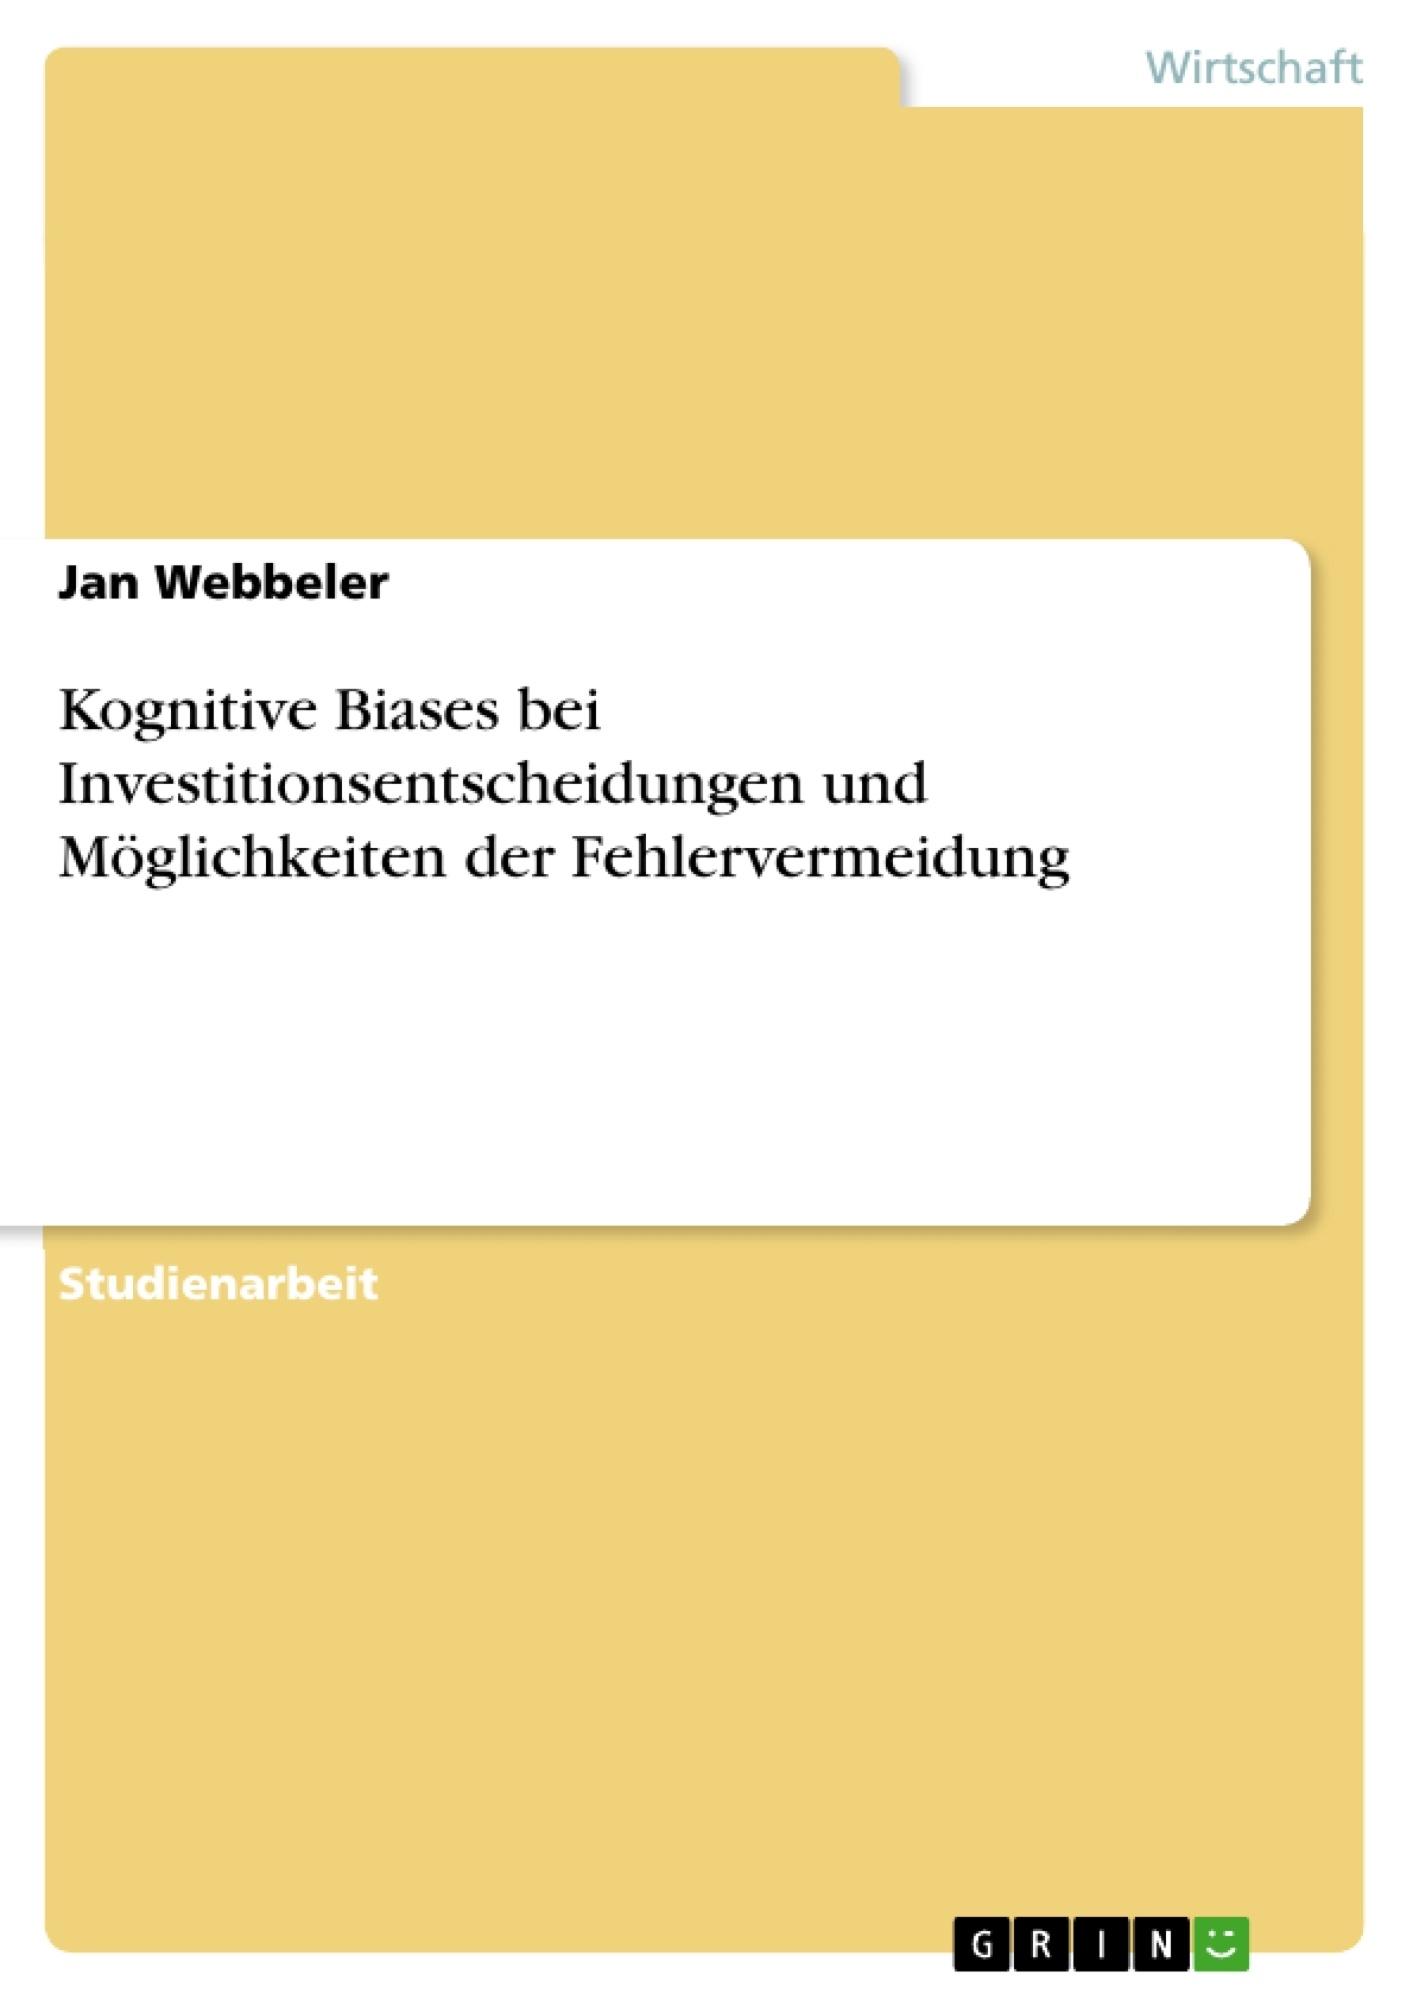 Titel: Kognitive Biases bei Investitionsentscheidungen und Möglichkeiten der Fehlervermeidung